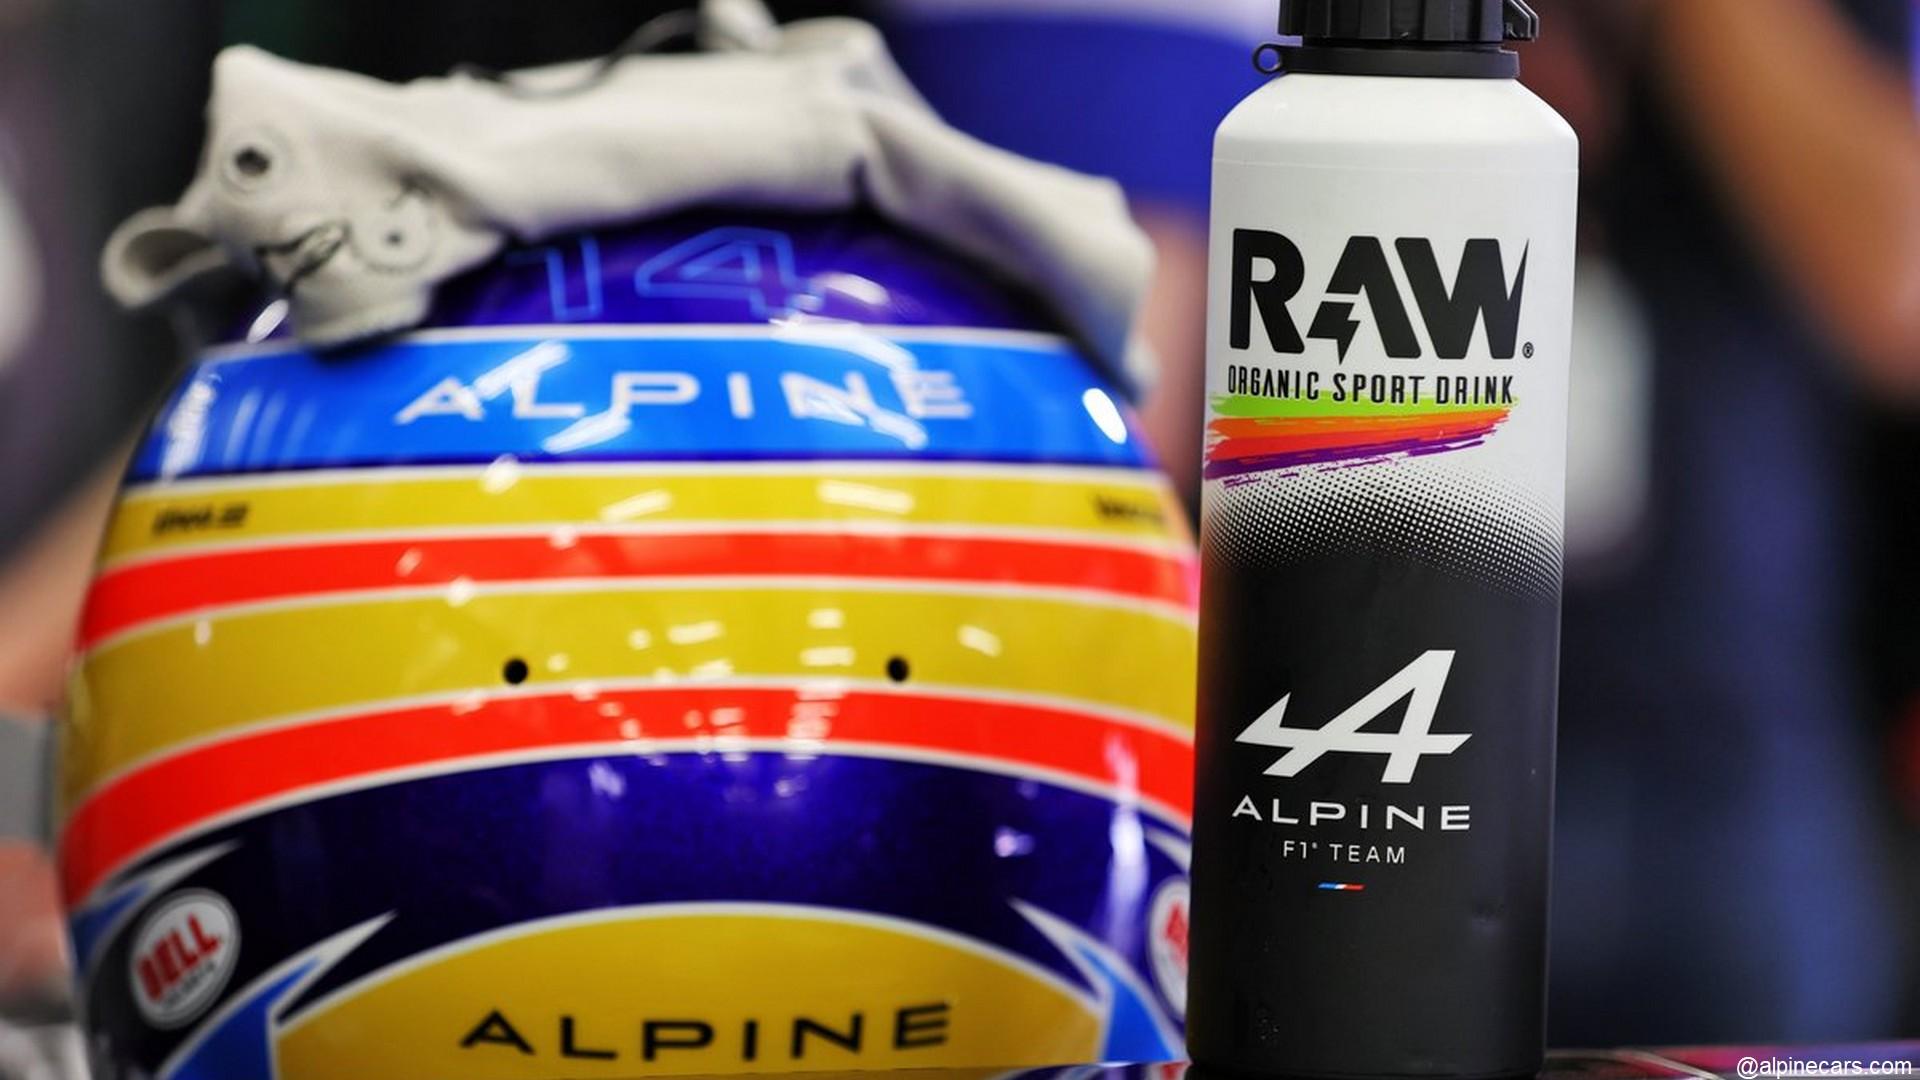 Raw x Alpine F1 Team (Formule 1) 2021